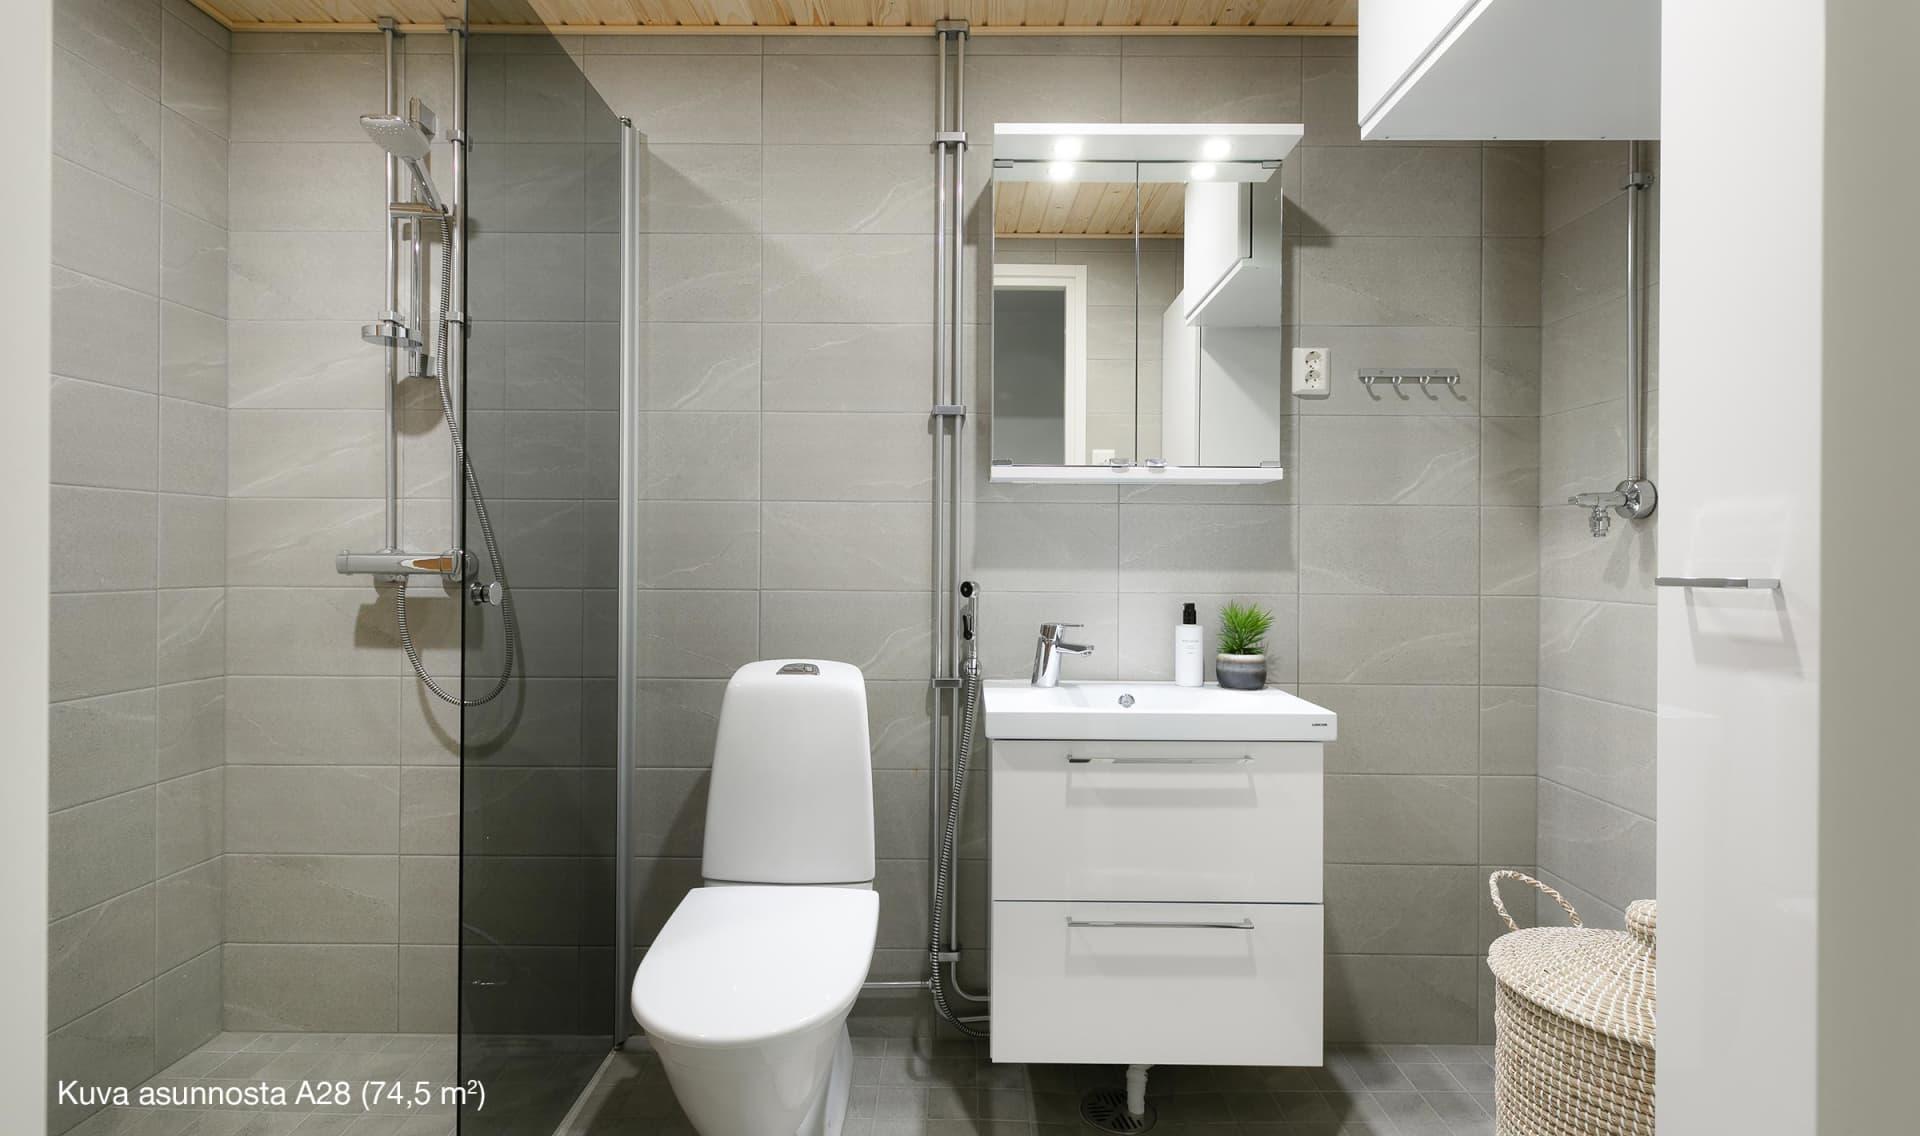 Asunto Oy Lohjan Keksitehdas, asunto A 28, 74,5 m2